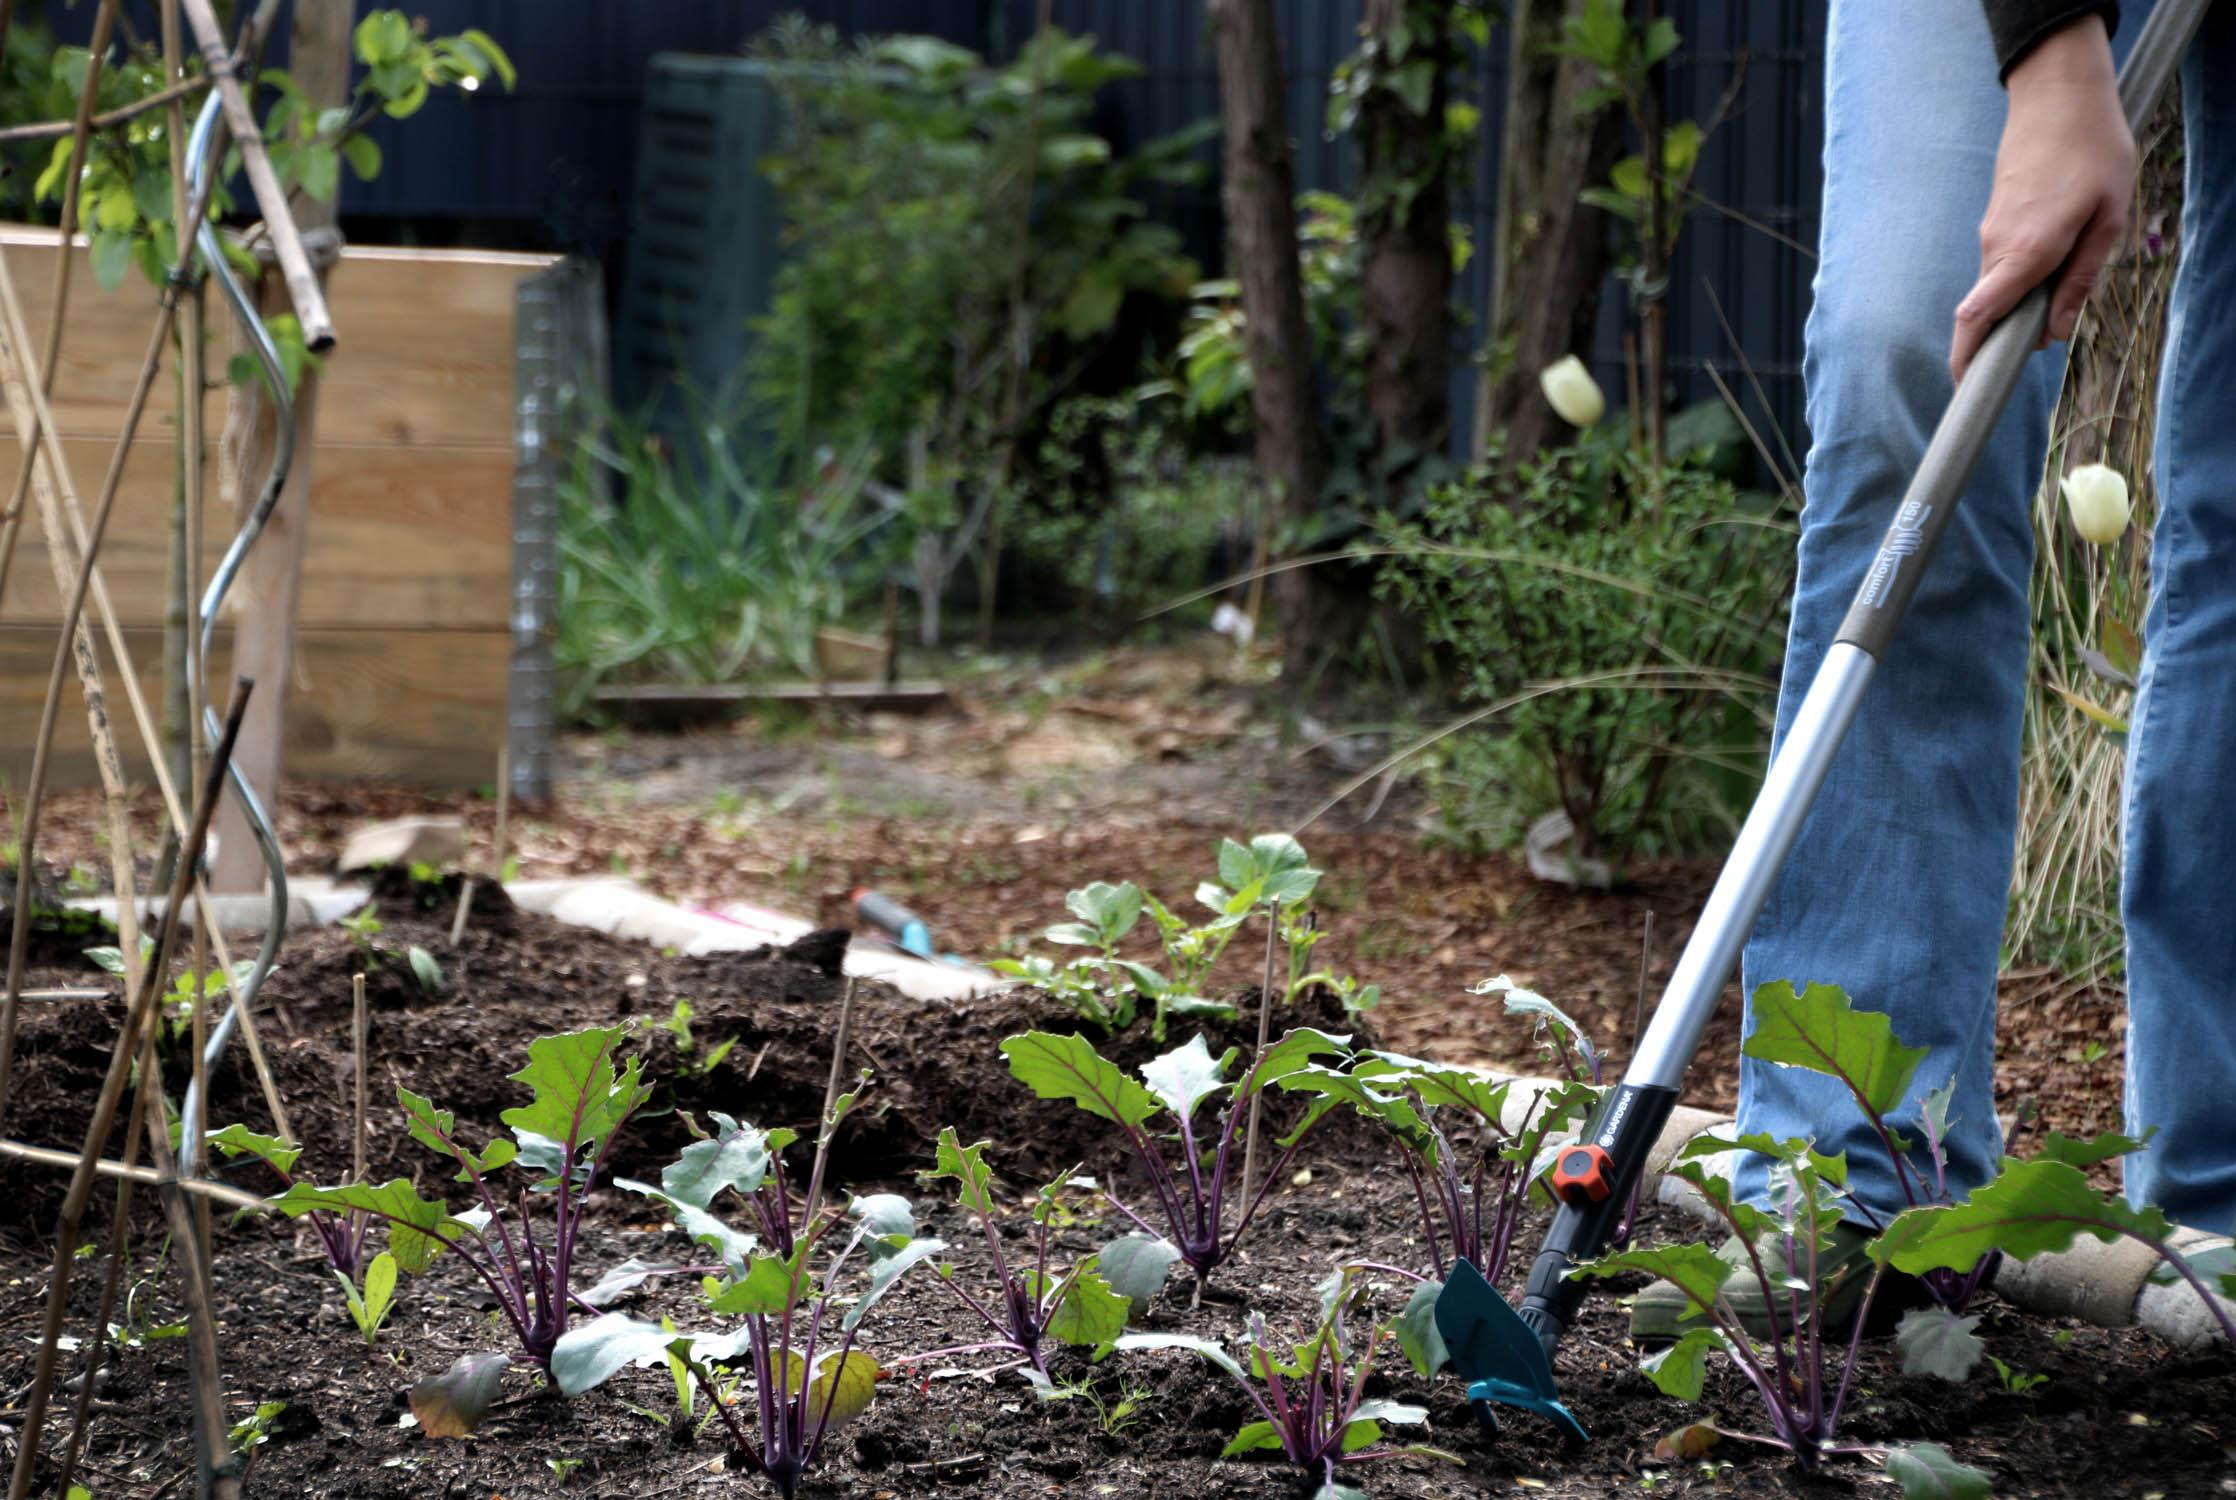 Gartenhacke, Grubber, Kleinrechen – Welche Gartengeräte benötigt man im Gemüsegarten?